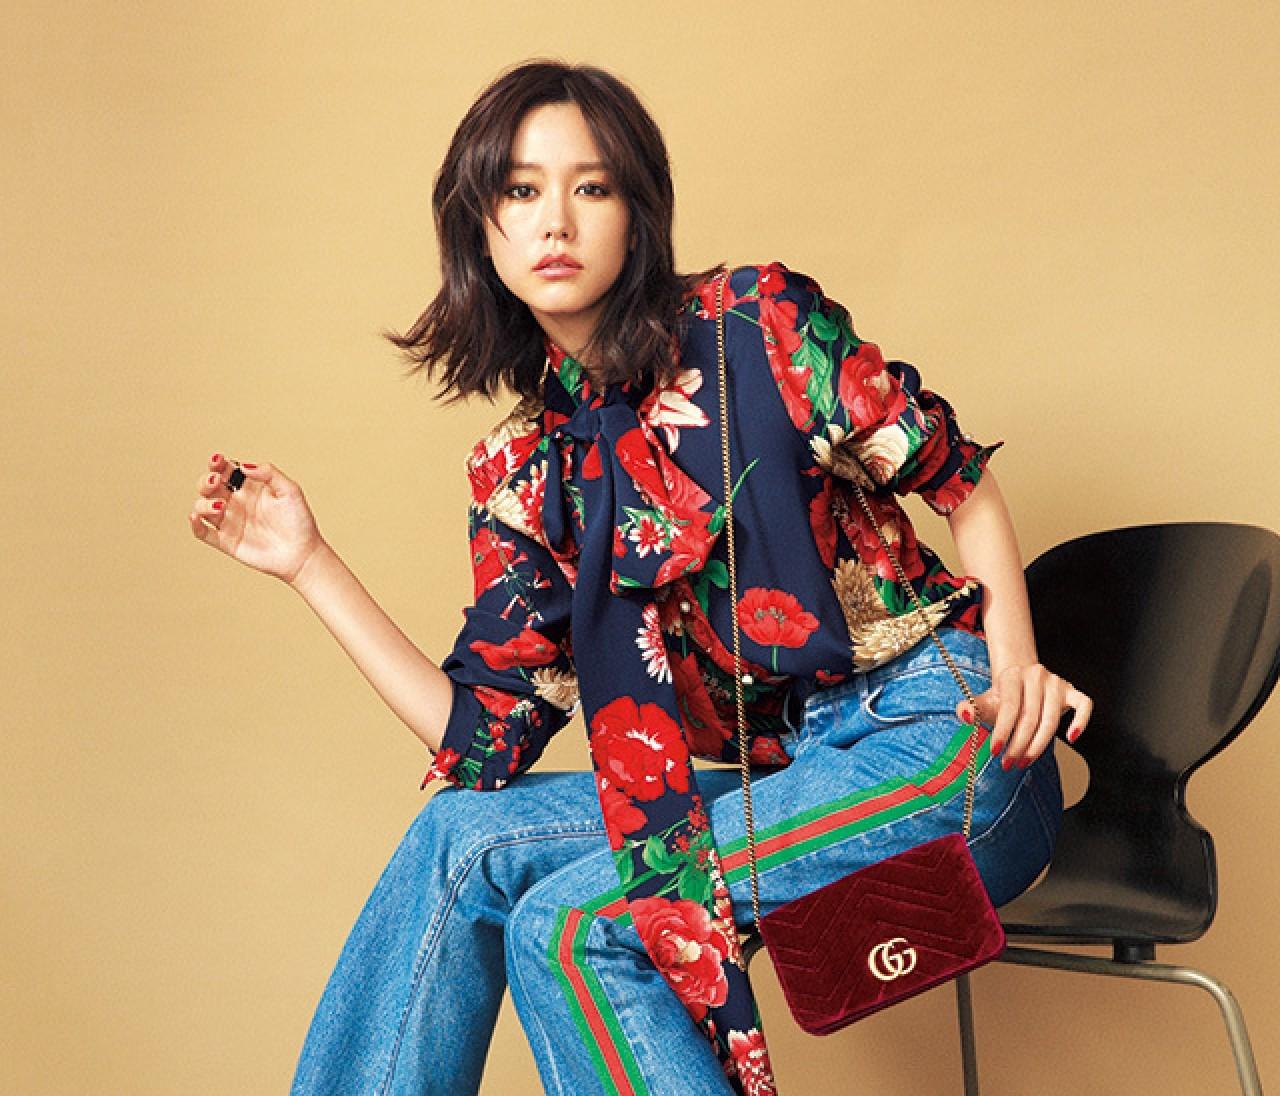 【桐谷美玲♡結婚おめでとう記念】ハイブランドの新作バッグたっぷり魅せます